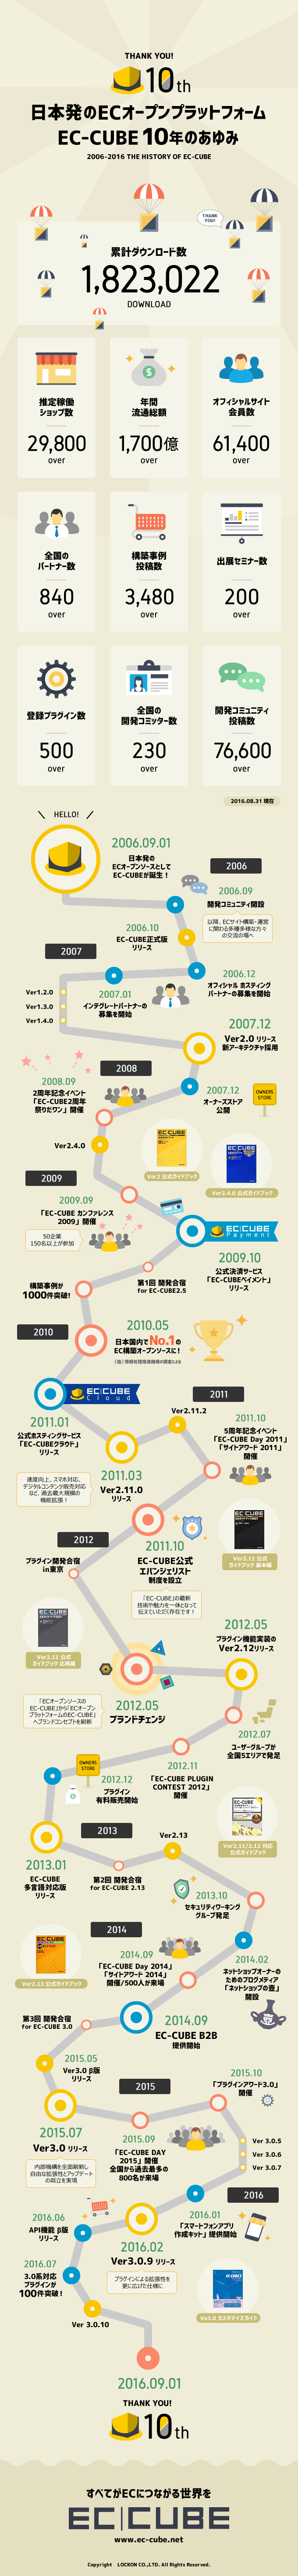 日本発のECオープンプラットフォーム EC-CUBE10年のあゆみ